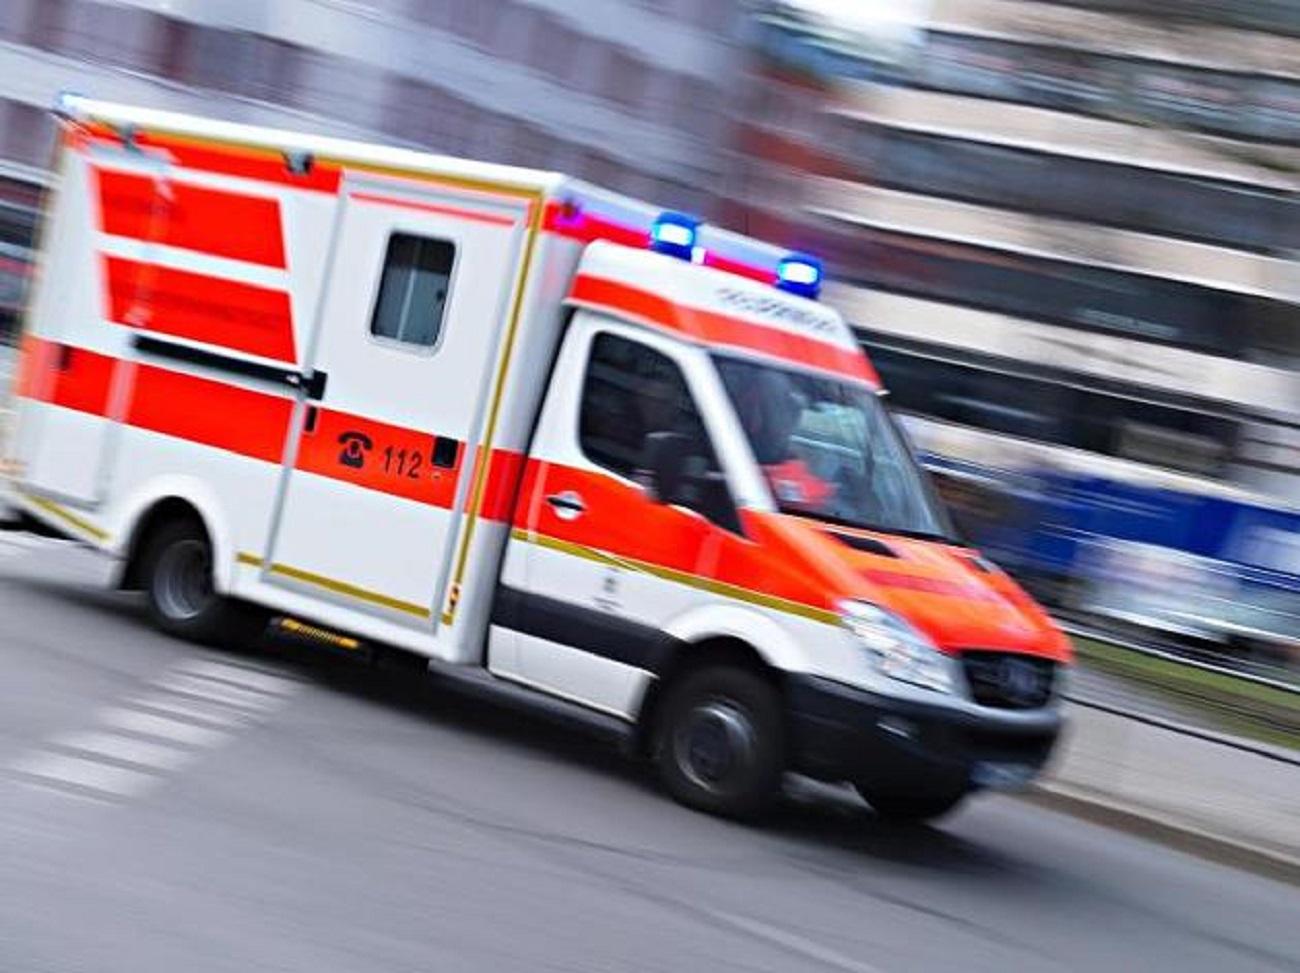 ВВоронежской области «семёрка» столкнулась с 2-мя грузовиками: пострадали женщина иребёнок